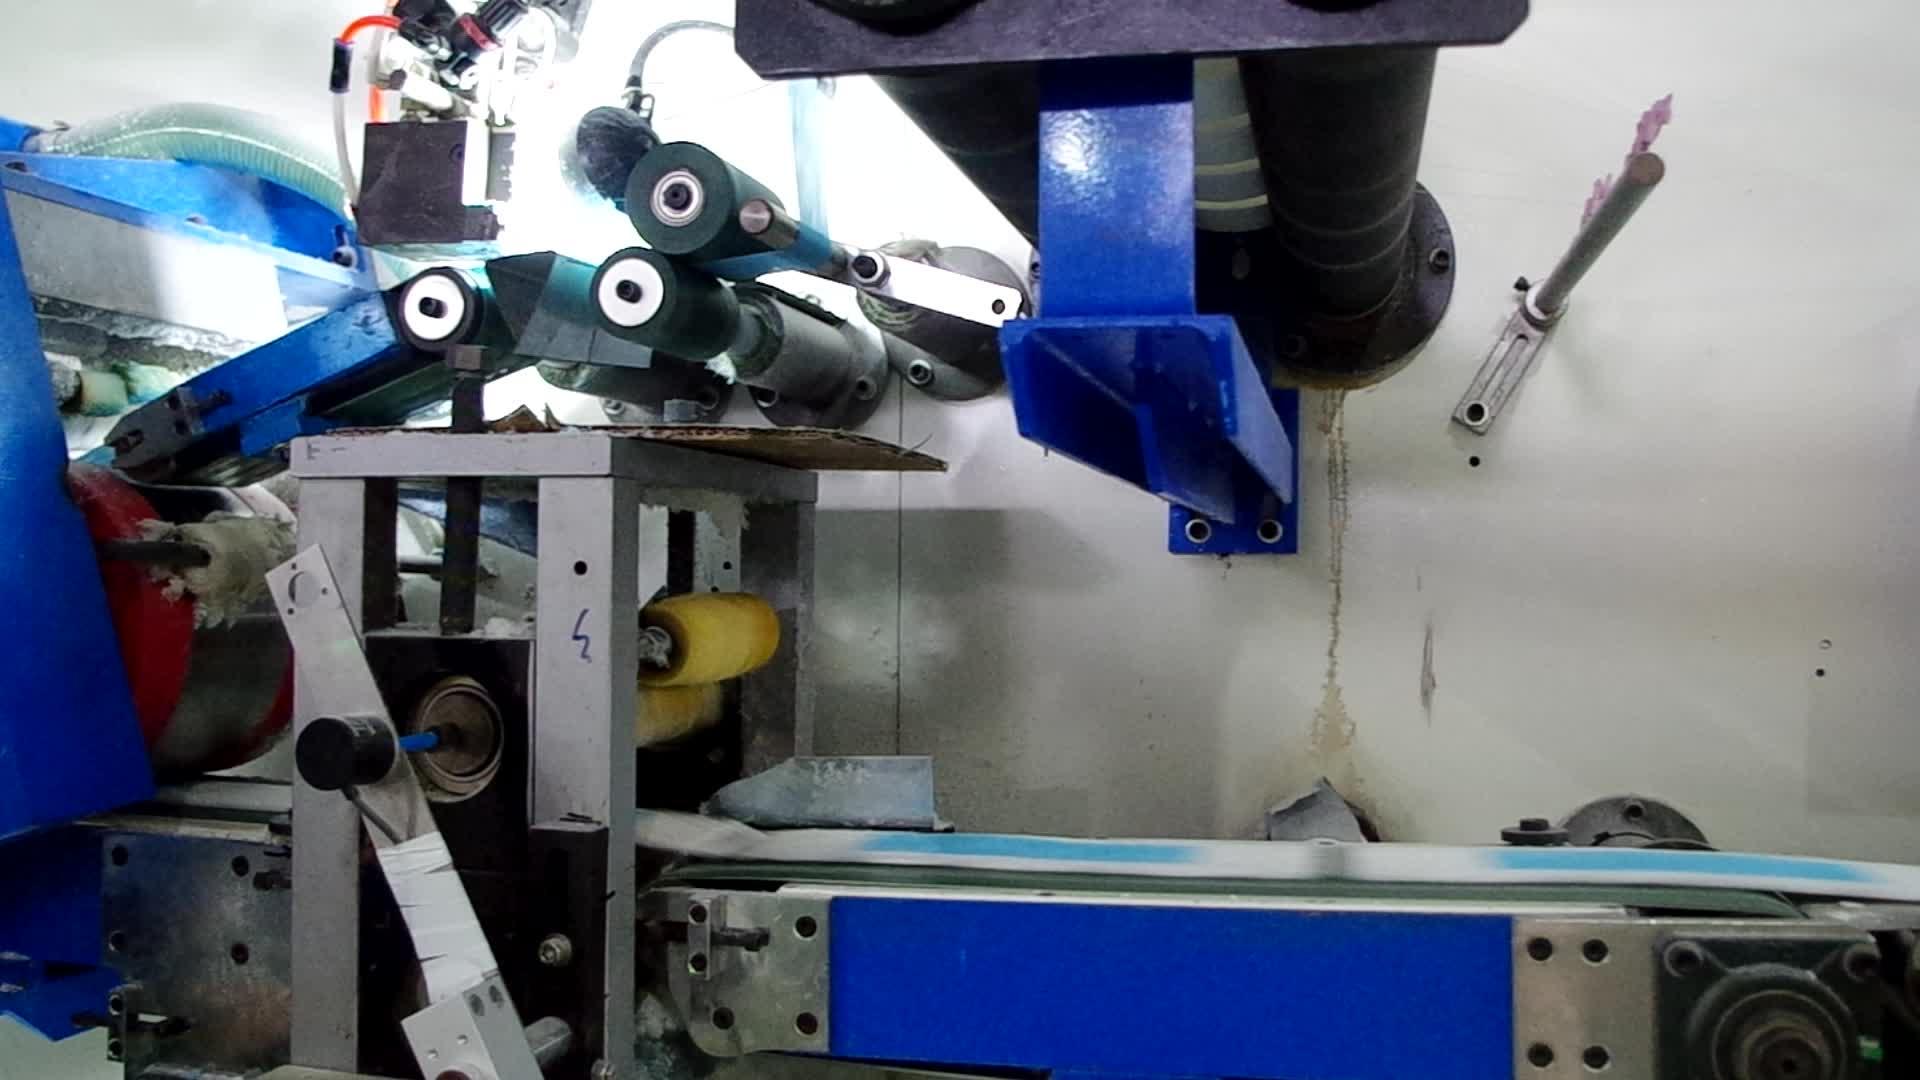 डायपर कारखाने की पेशकश डिस्पोजेबल बेबी डायपर में stocklot थोक ग्रेड एक बेबी डायपर थोक